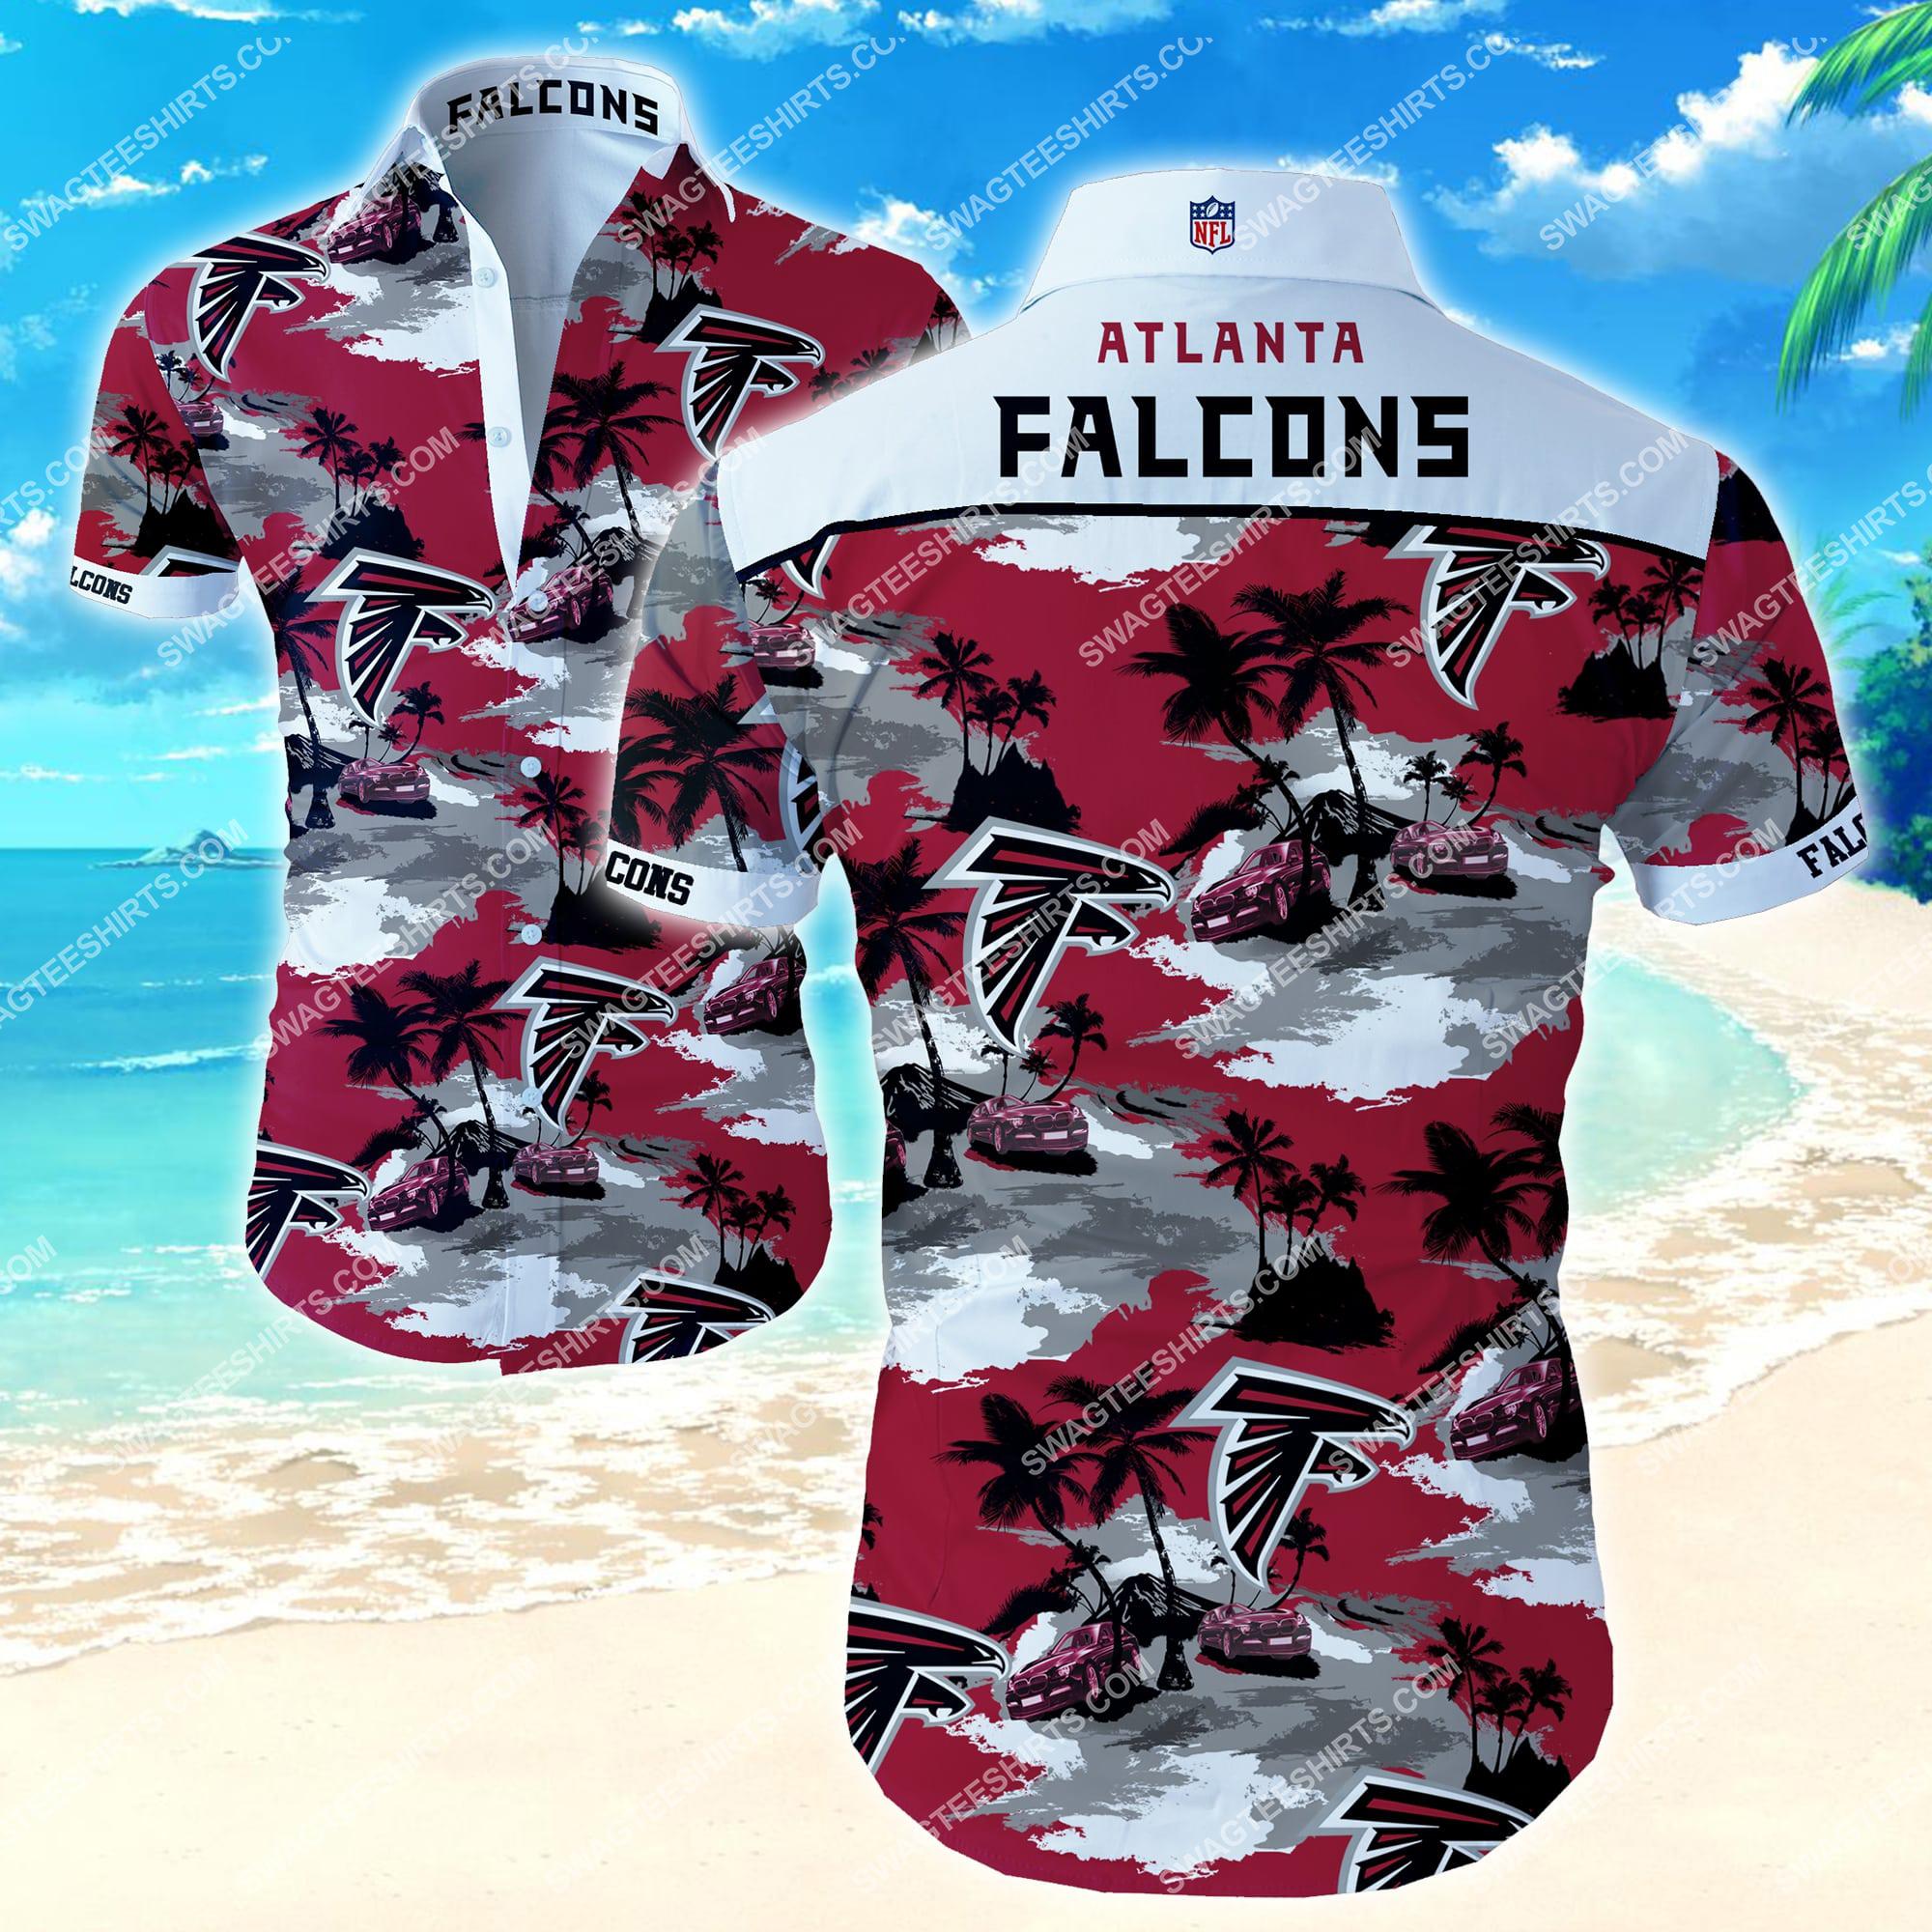 tropical atlanta falcons team full printing summer hawaiian shirt 2